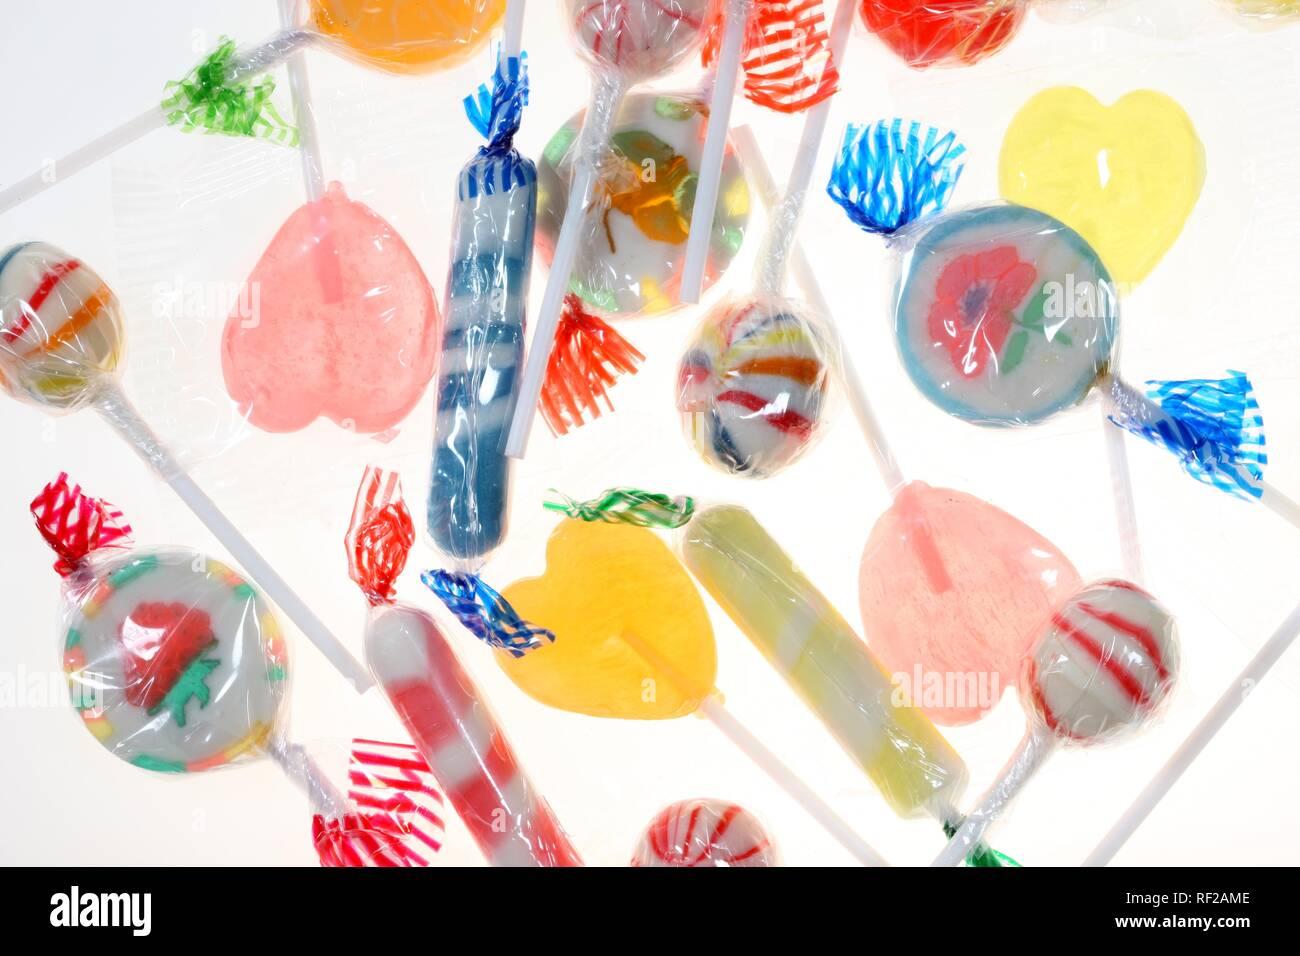 Verschiedene Zucker, Bonbons, Lutscher, Sauger, Süßigkeiten Stockbild